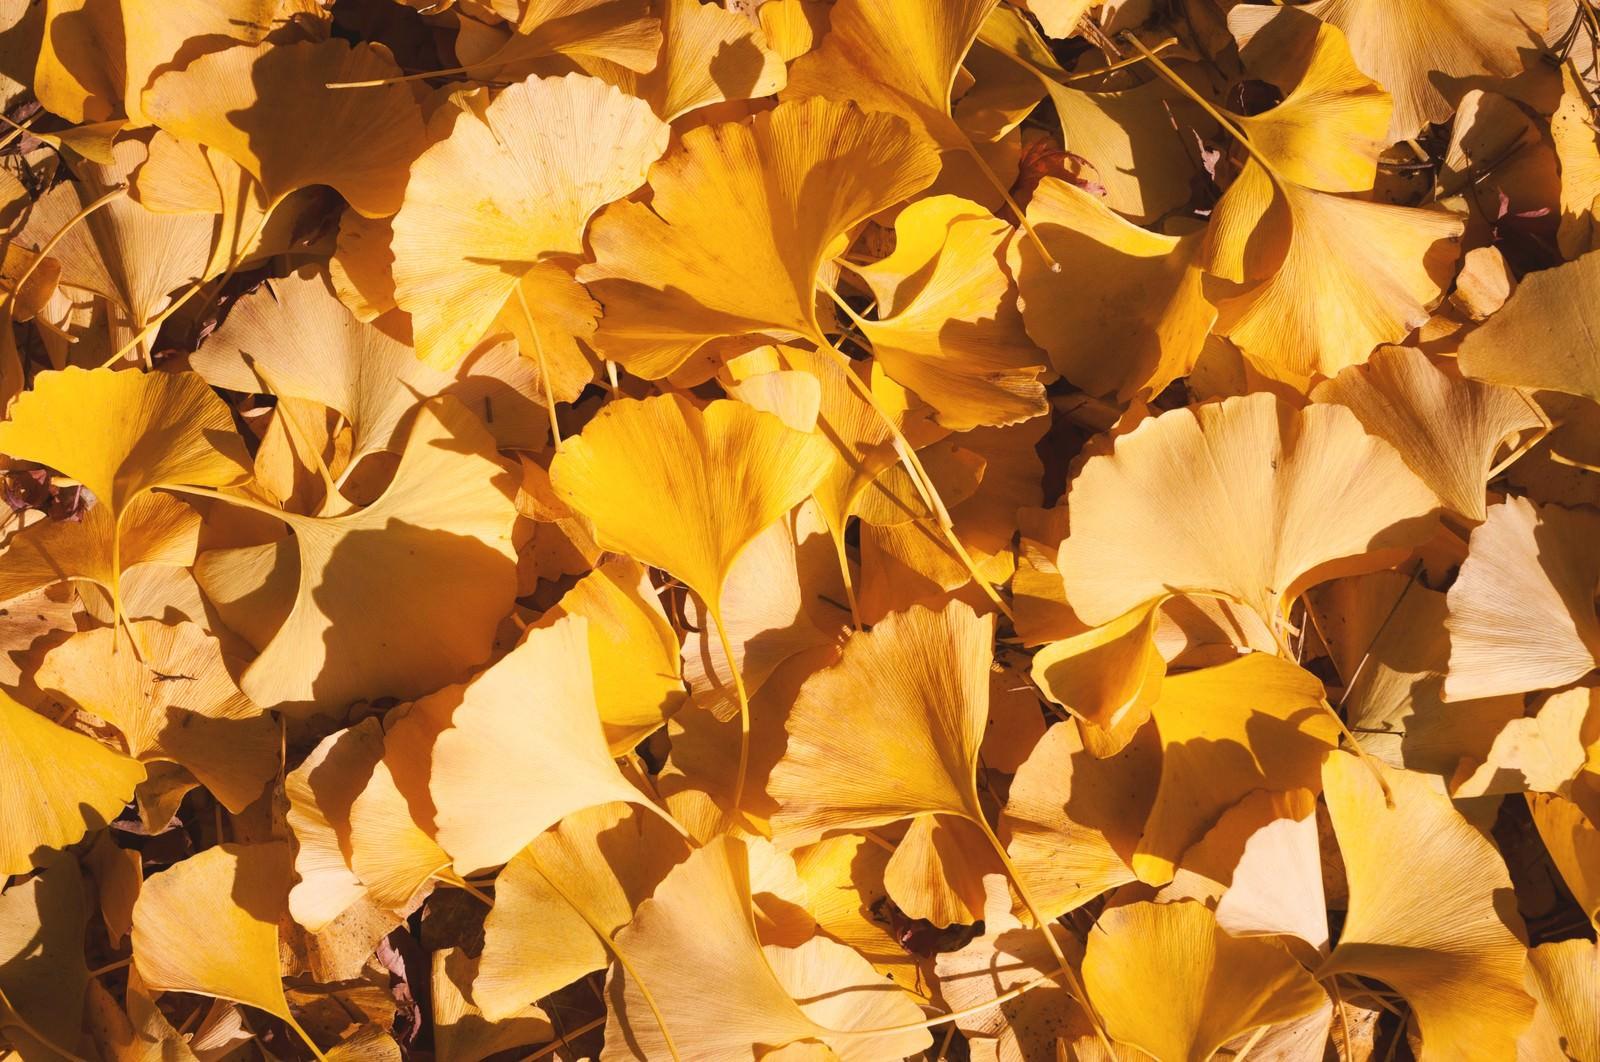 「イチョウの落葉」の写真